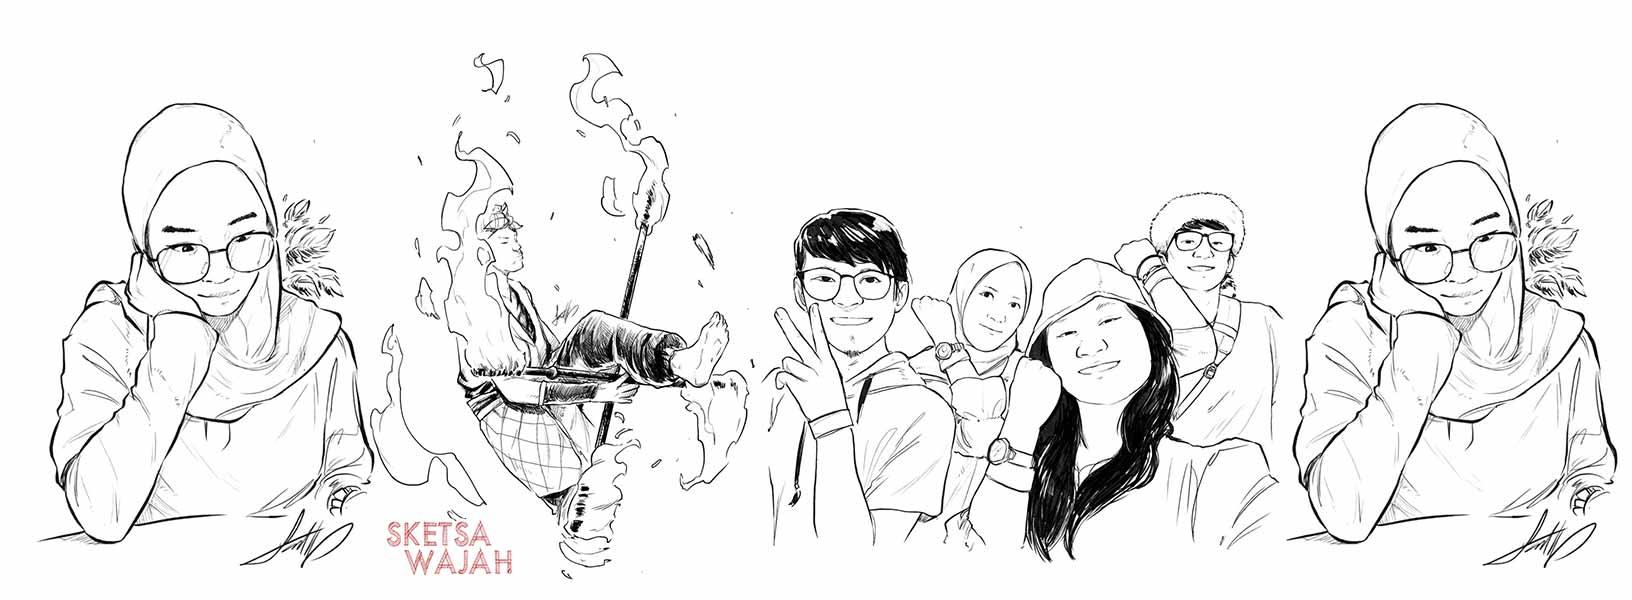 Karya Alpha Rocket sketcher Sketsa Wajah